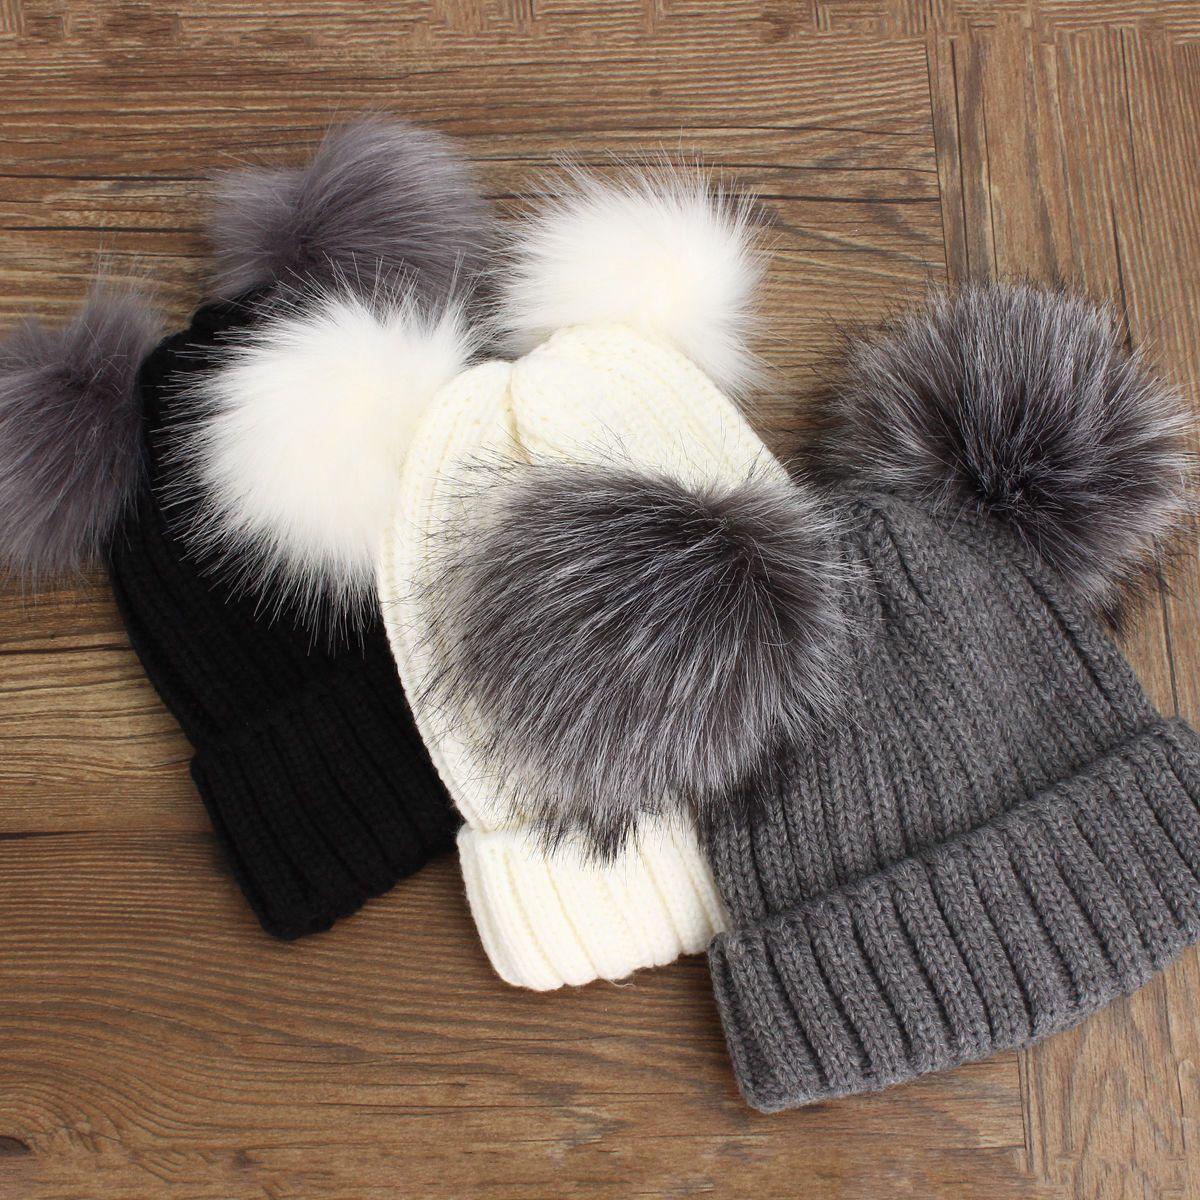 3.45 - Winter Outdoor Women s Warm Chunky Knit With Double Fur Pom Pom  Cute Beanie Hats  ebay  Fashion 24b16032cd5